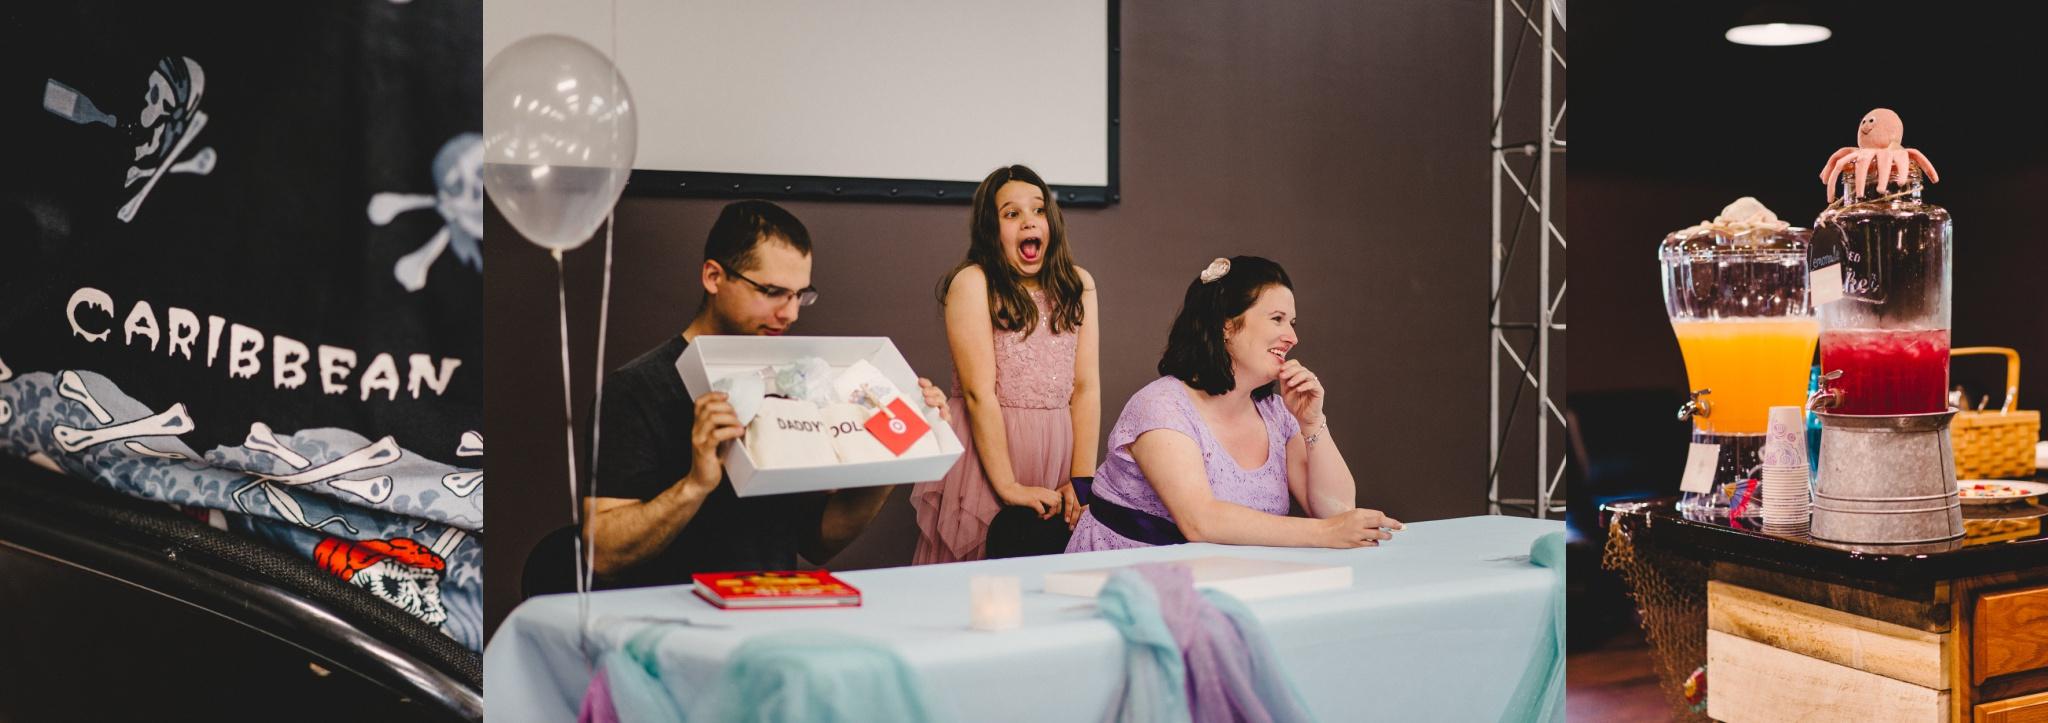 Shelby Twp Michigan Baby Shower Event Photographer Newborn Family  (7).jpg